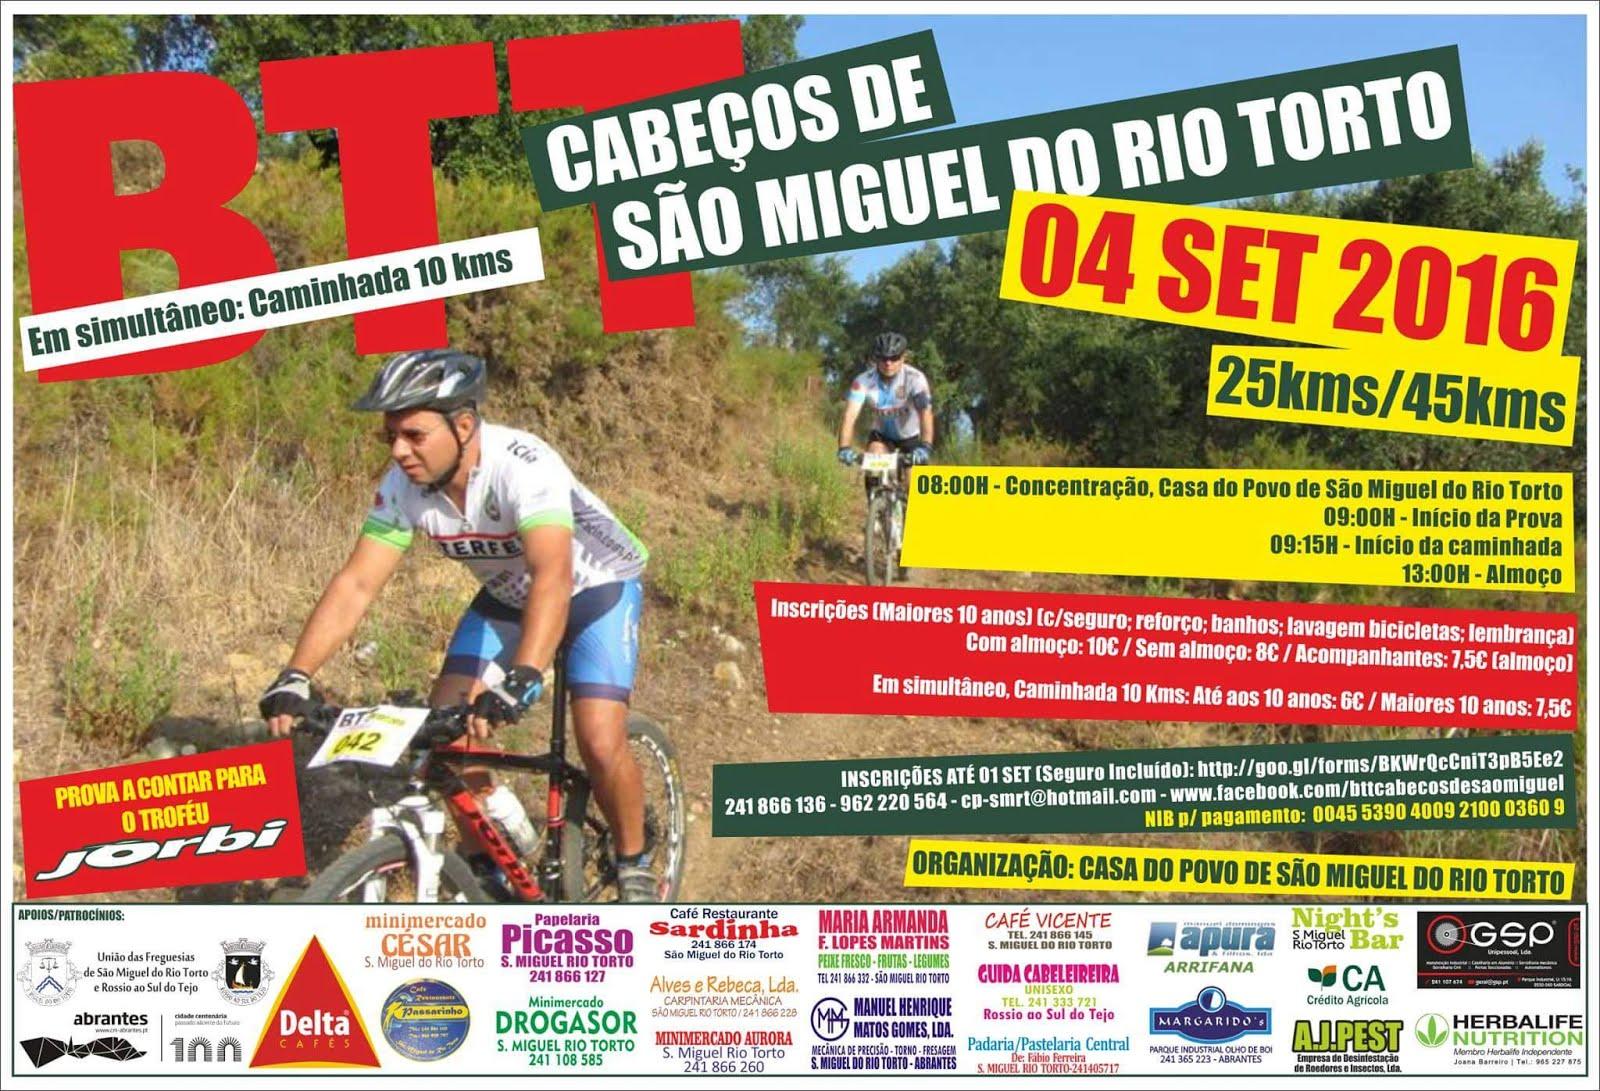 04SET * CABEÇOS DE SÃO MIGUEL DO RIO TORTO